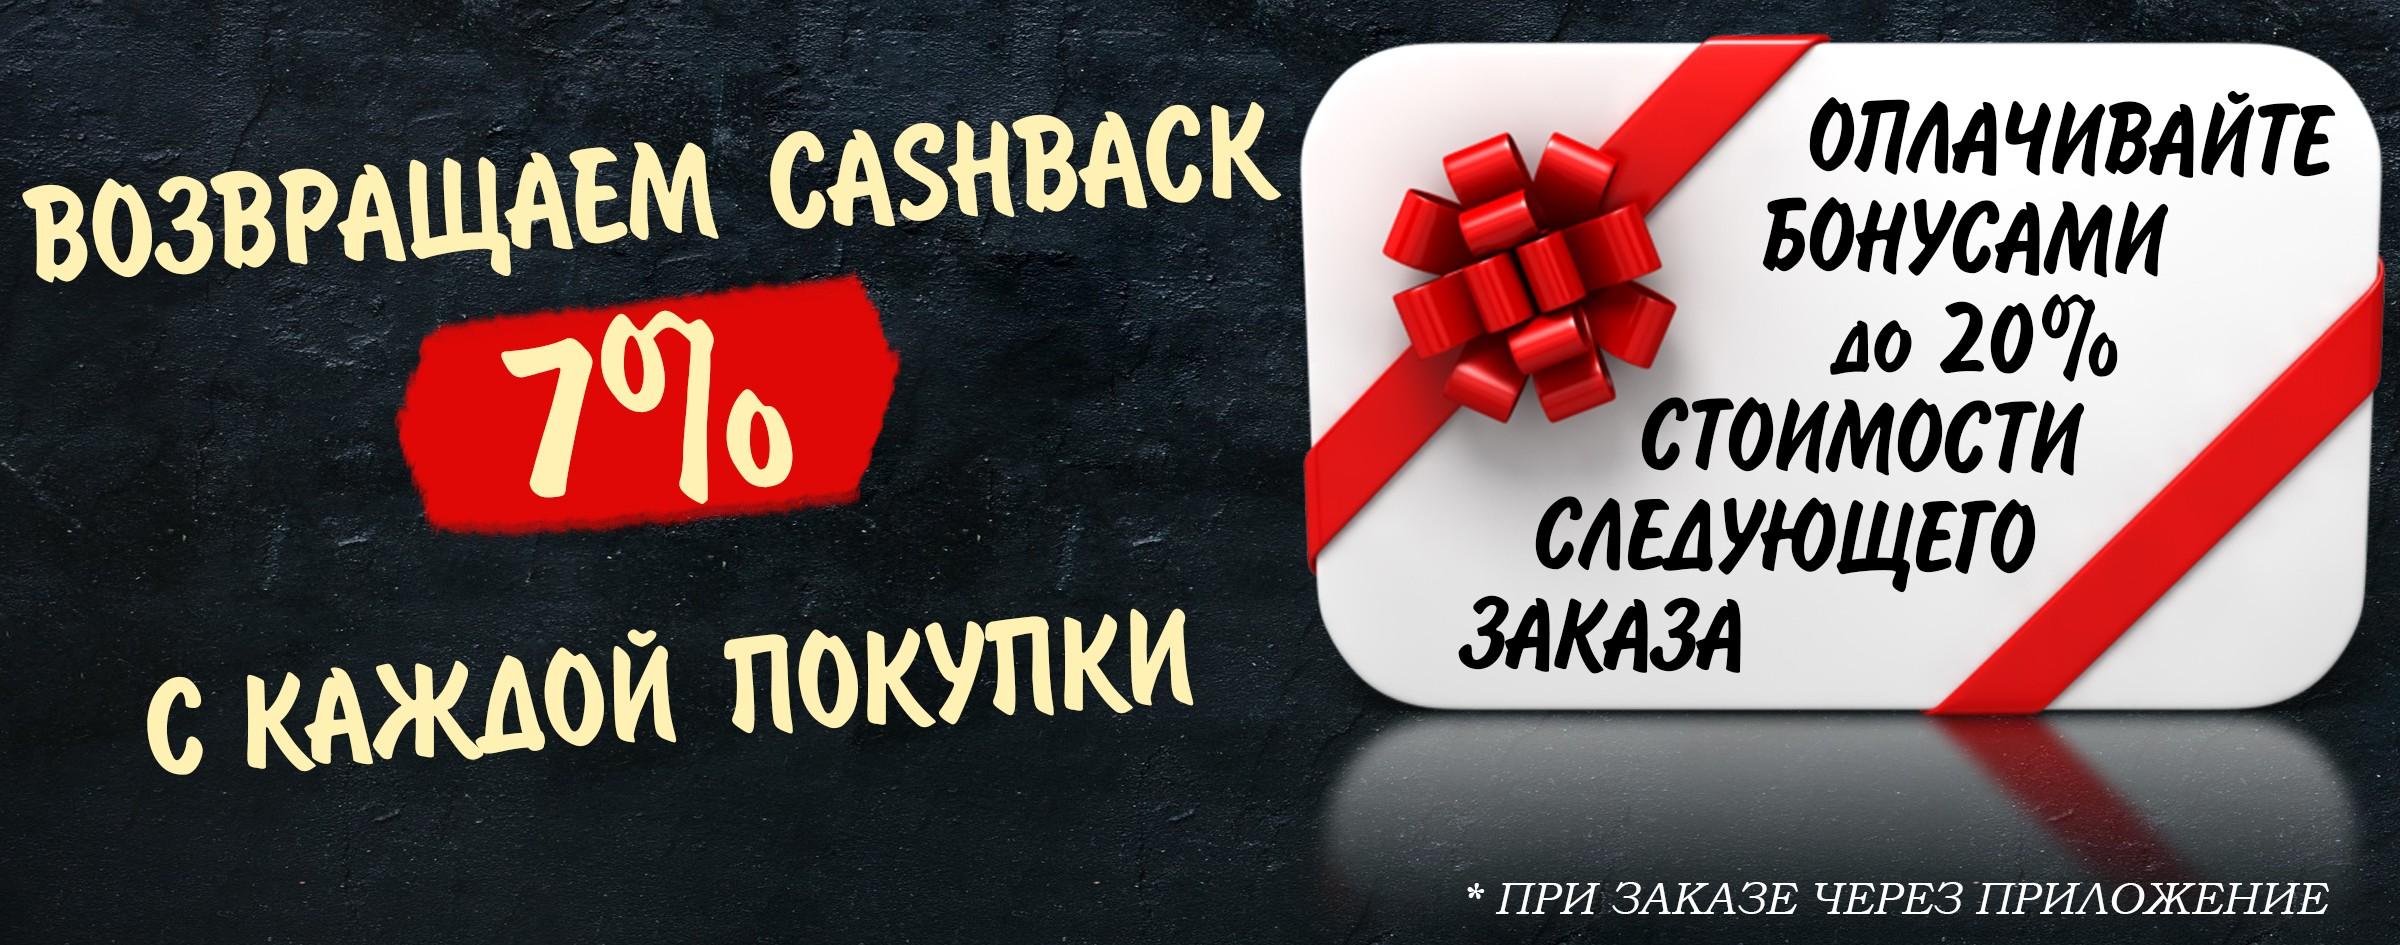 Возвращаем CASHBACK 7% с каждой покупки!